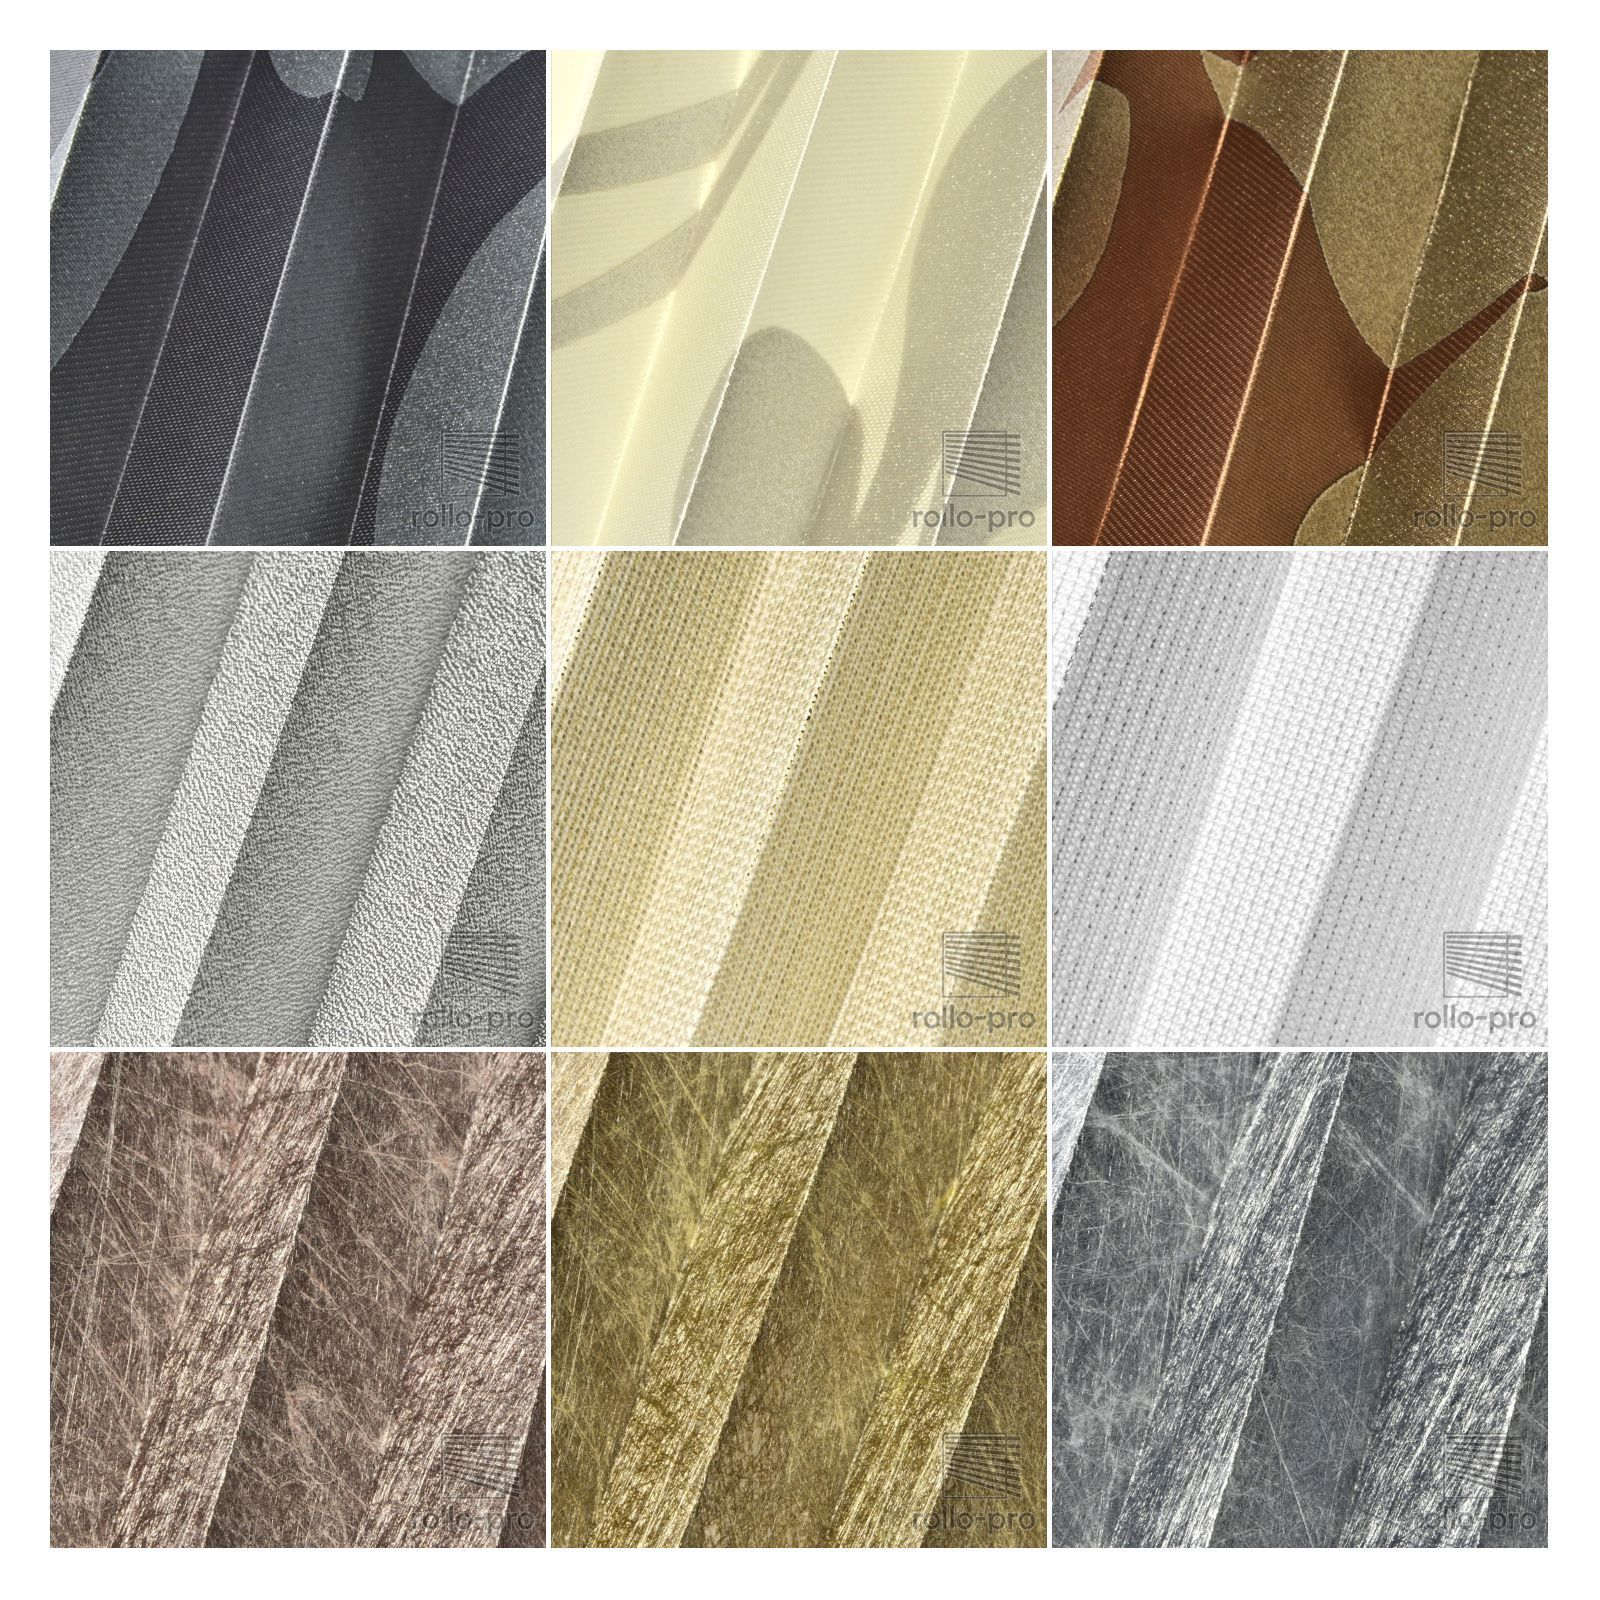 Plissee Plissee Plissee Faltrollo ohne Bohren Plisee nach Maß   METALLICO   Profil Mahagoni NEU   Fein Verarbeitet  d022d5